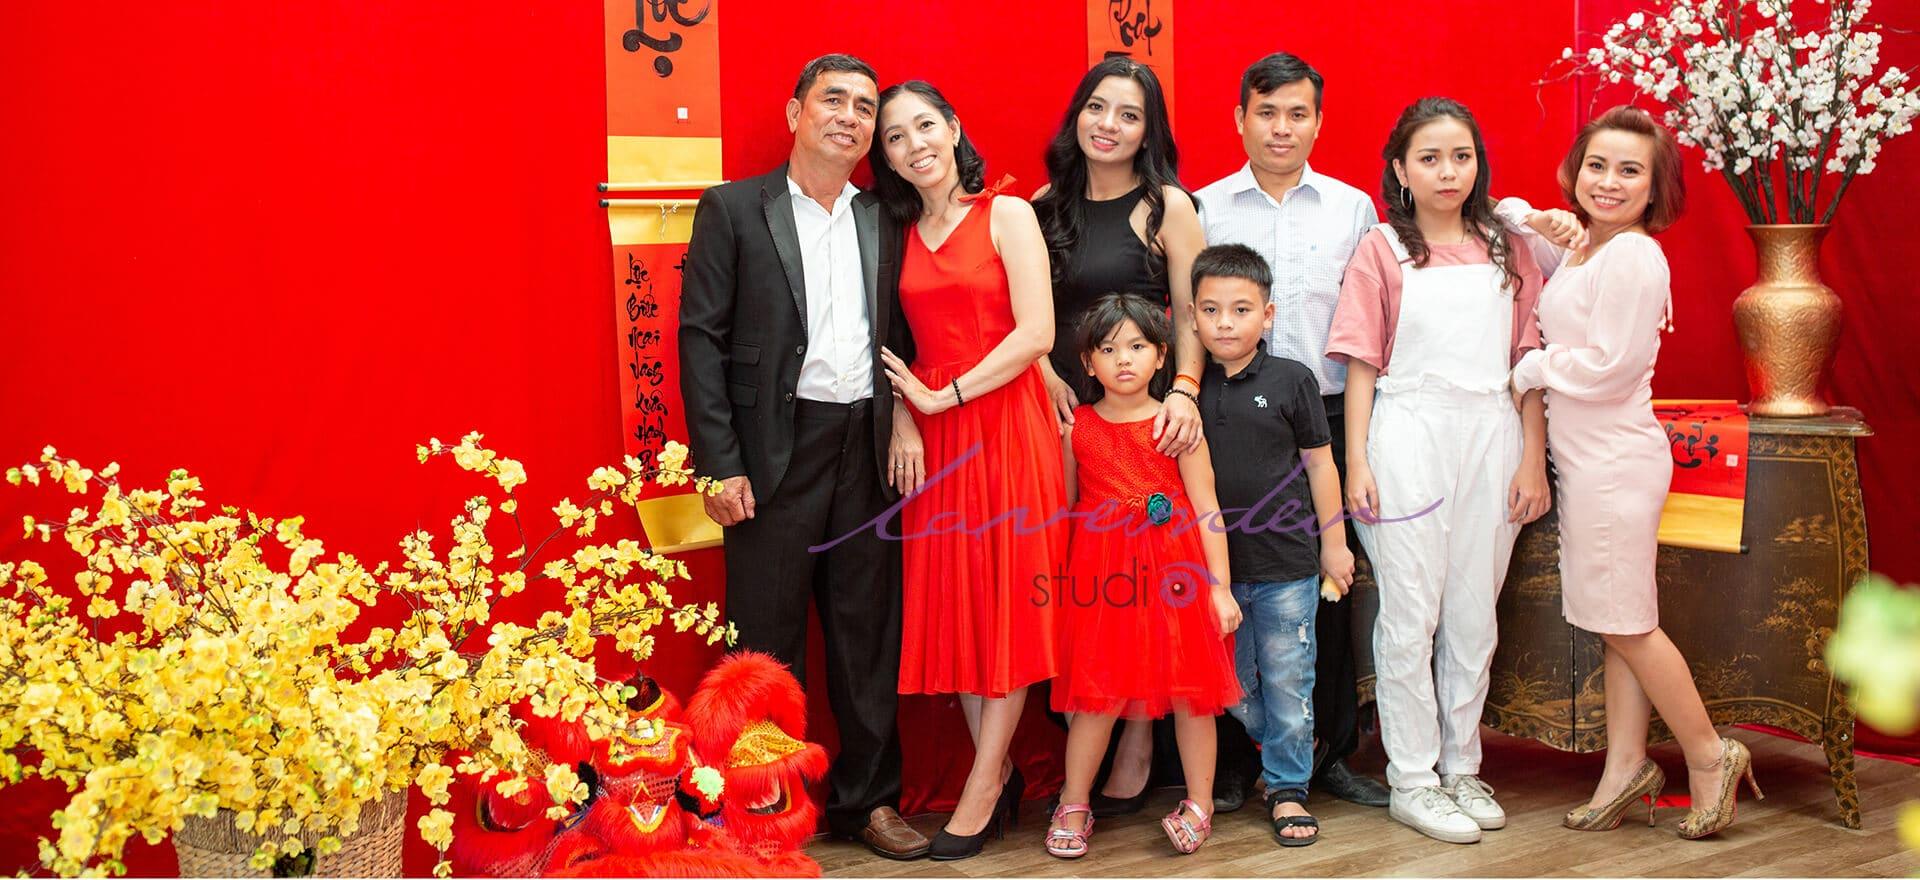 chụp ảnh gia đình Tết đẹp